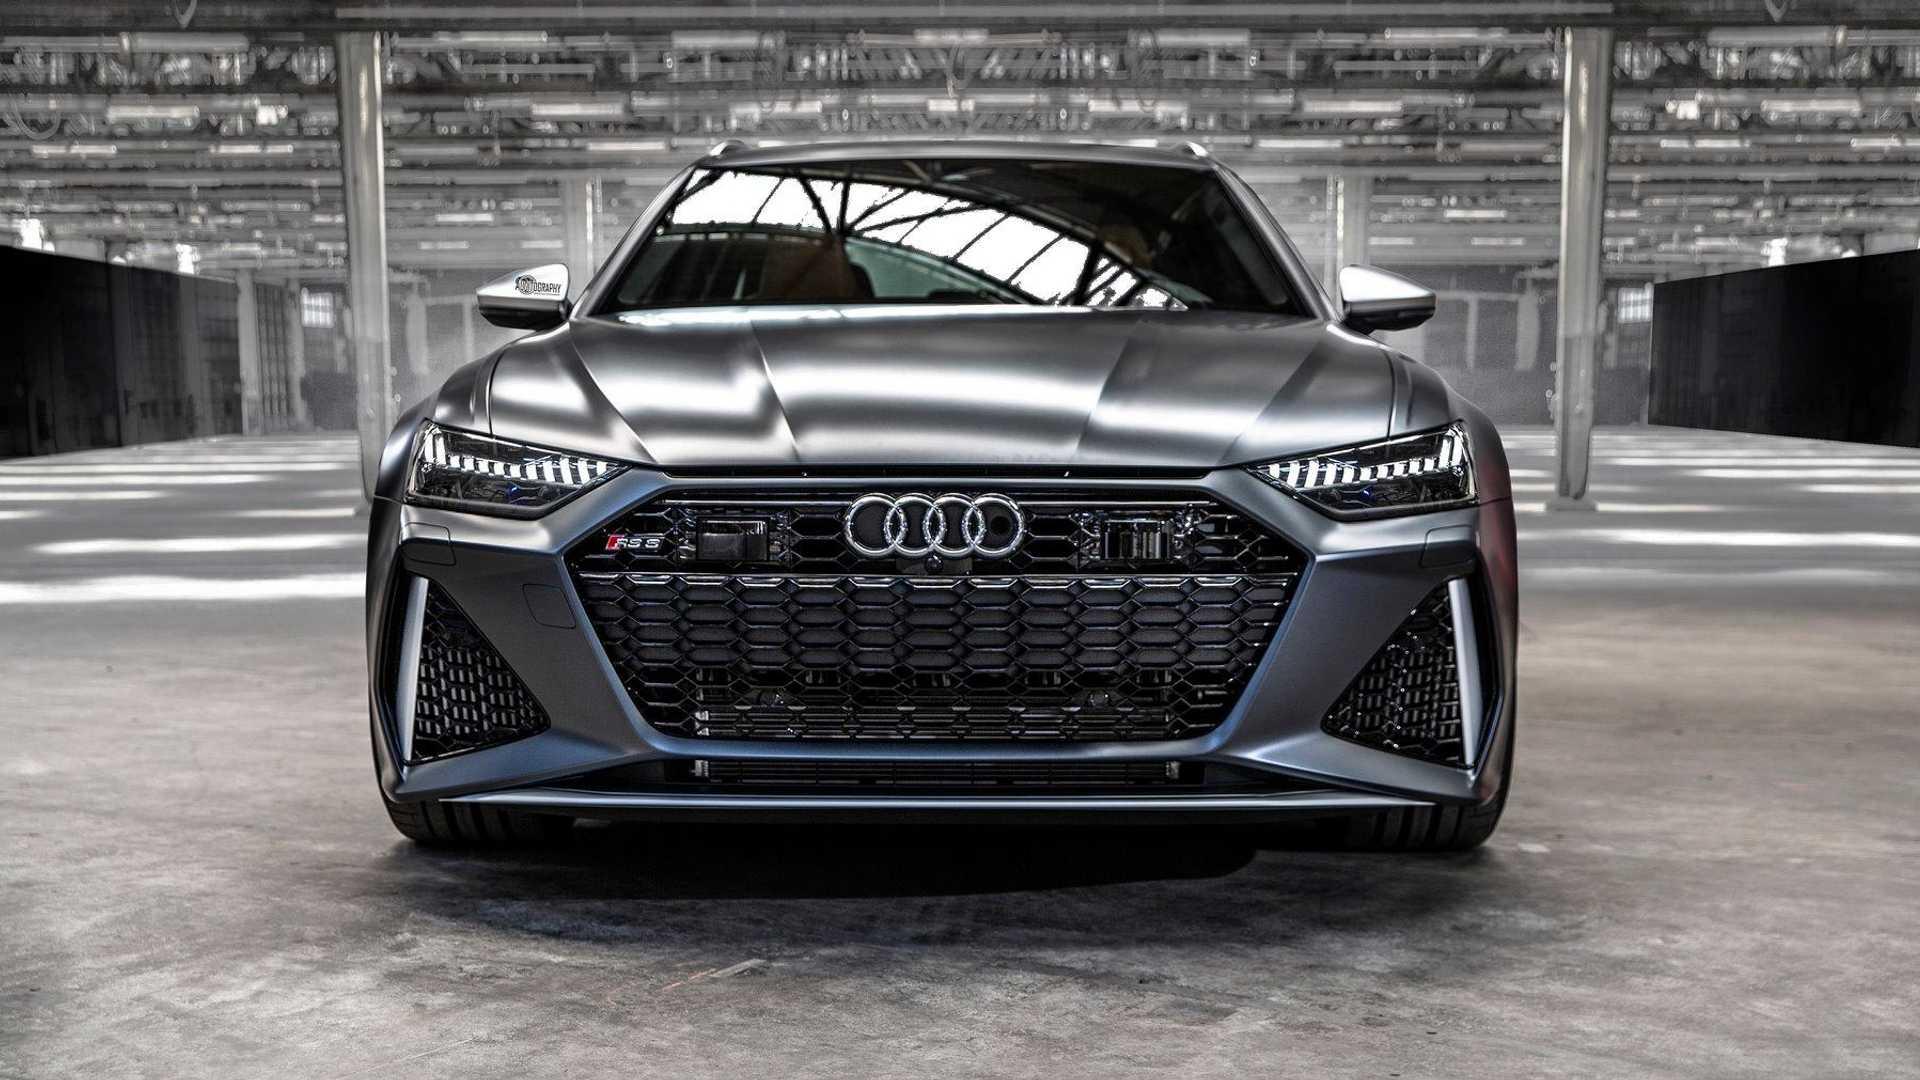 Audi RS6 Avant lần đầu ra mắt tại Mỹ kỷ niệm 25 năm dòng xe RS của Audi - 1